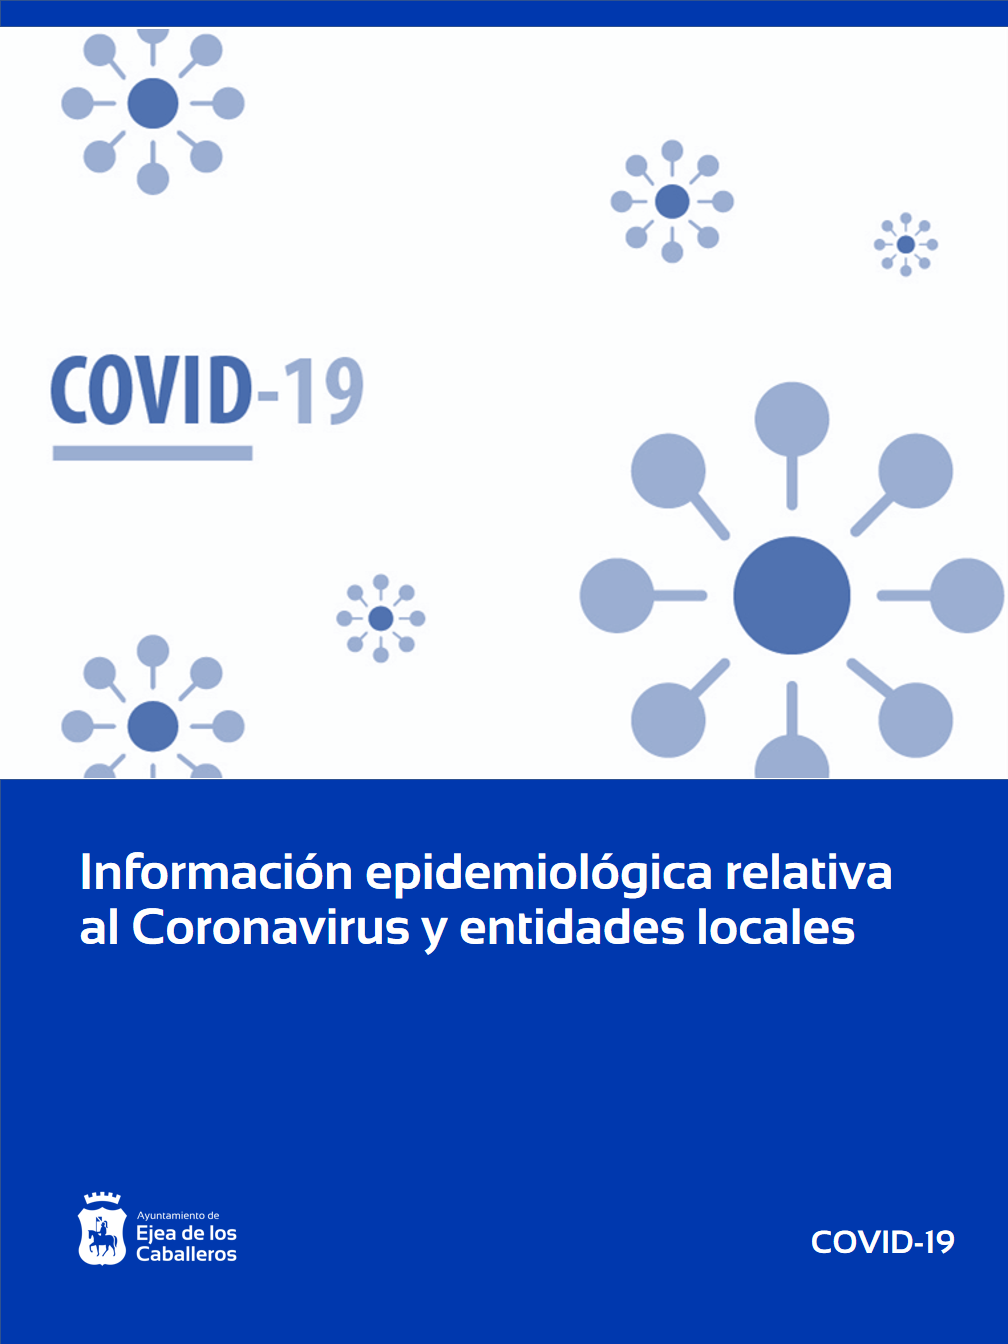 Nota informativa de la Consejería de Sanidad del Gobierno de Aragón